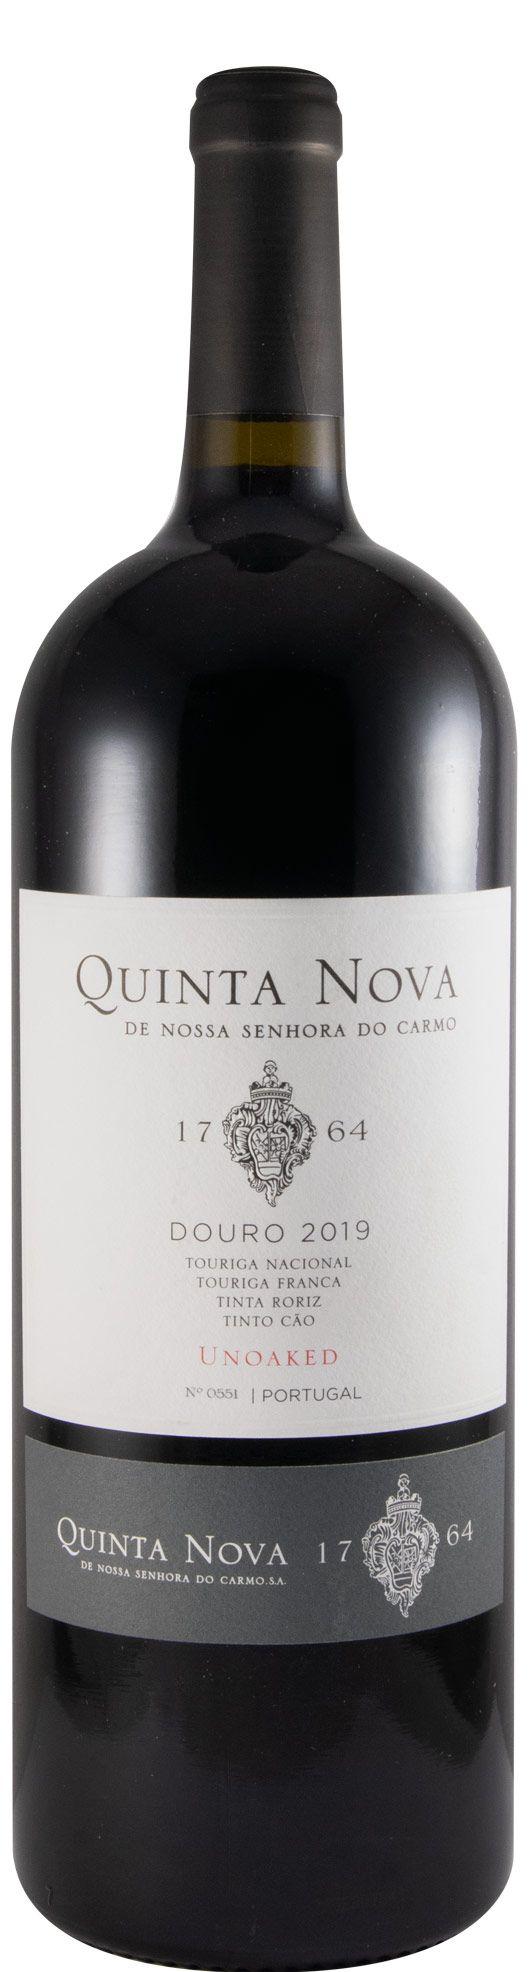 2019 Quinta Nova red 1.5L